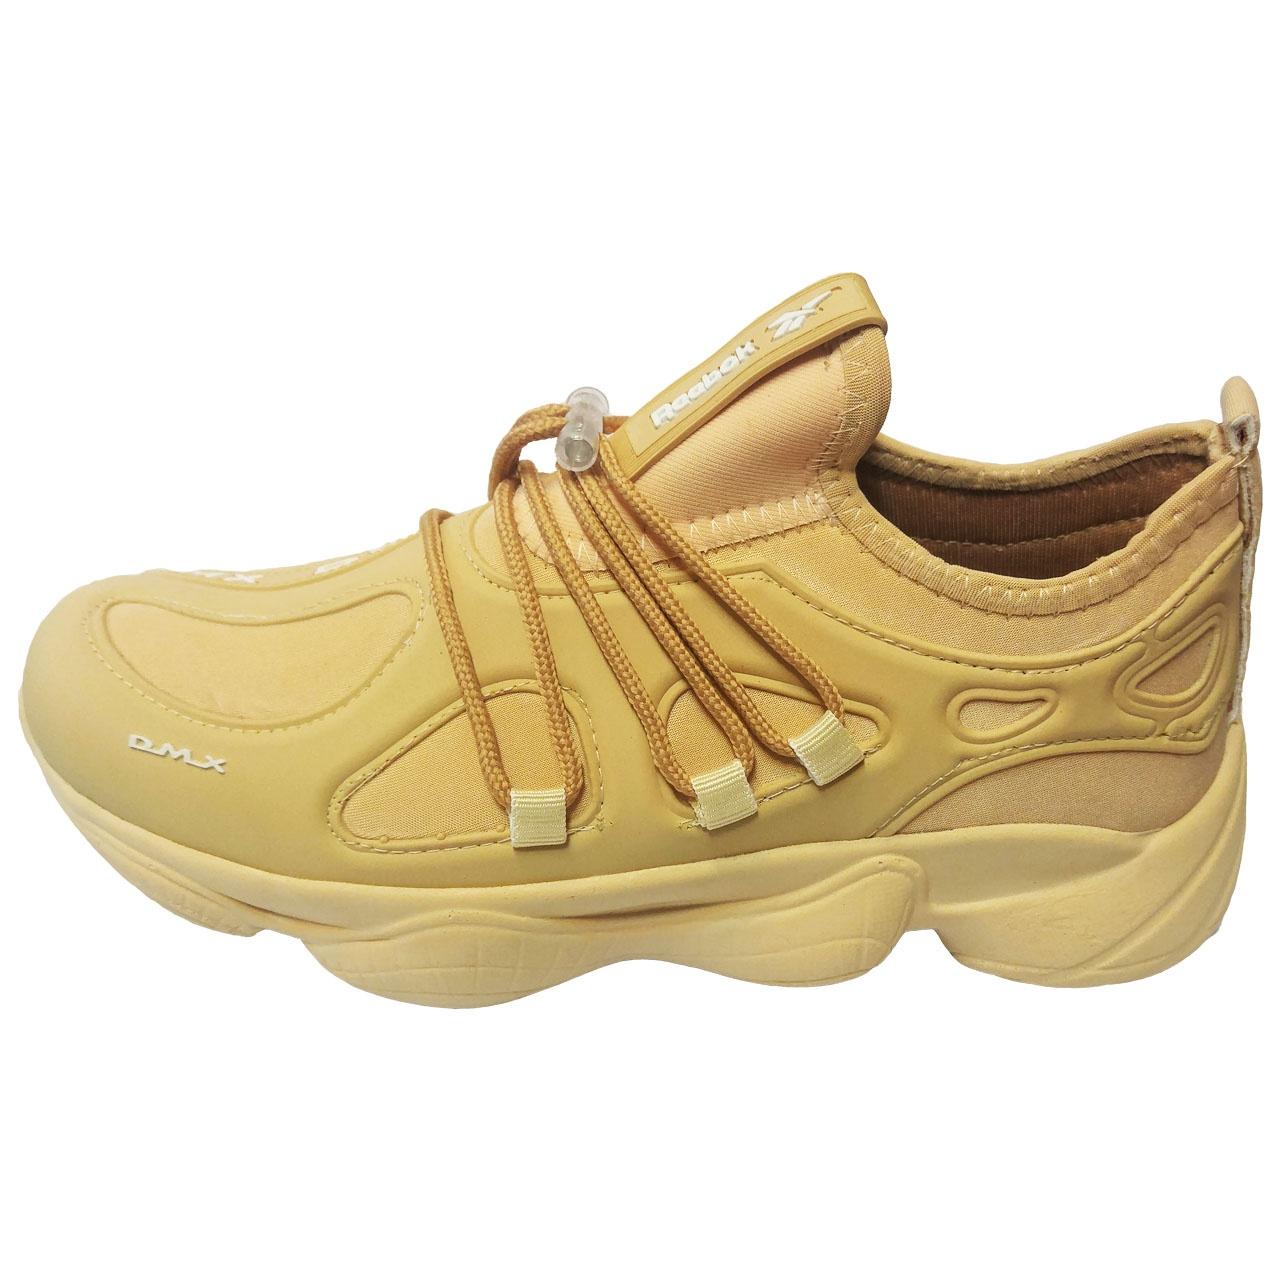 کفش مخصوص پیاده روی زنانه مدل DMX کد 010